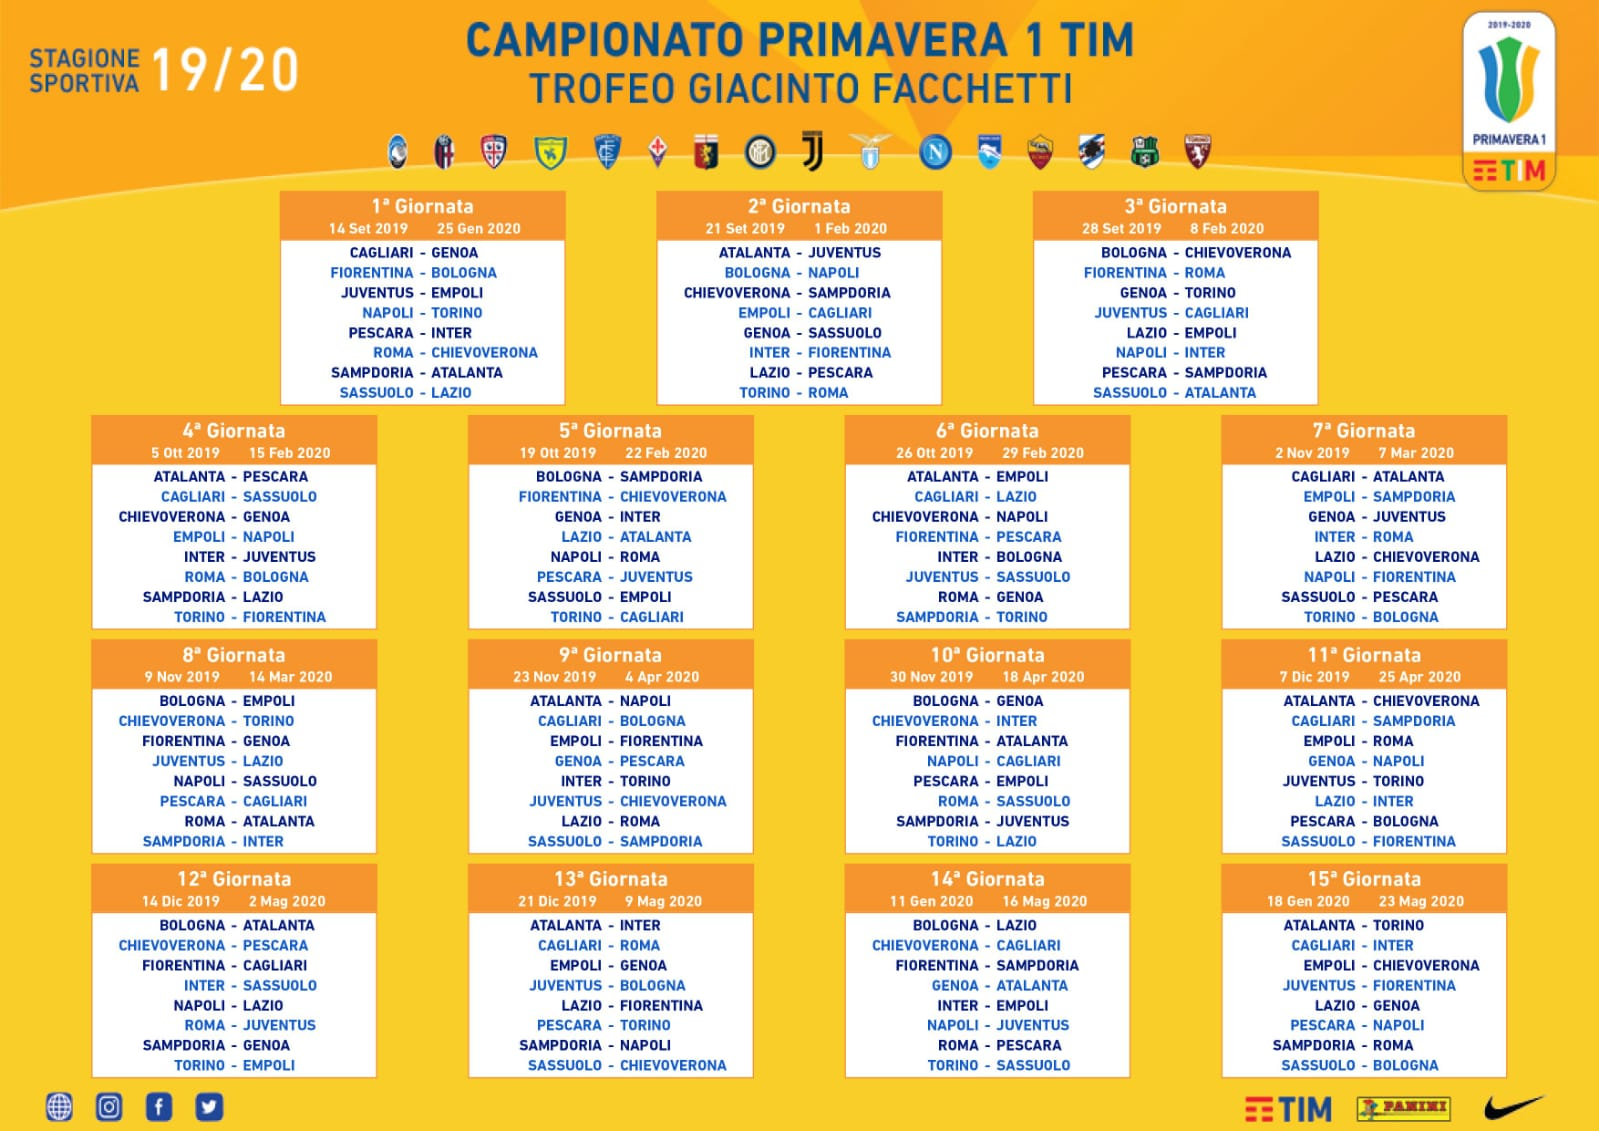 Calendario Pescara Calcio 2020.Sorteggiato Il Calendario Primavera 1 2019 20